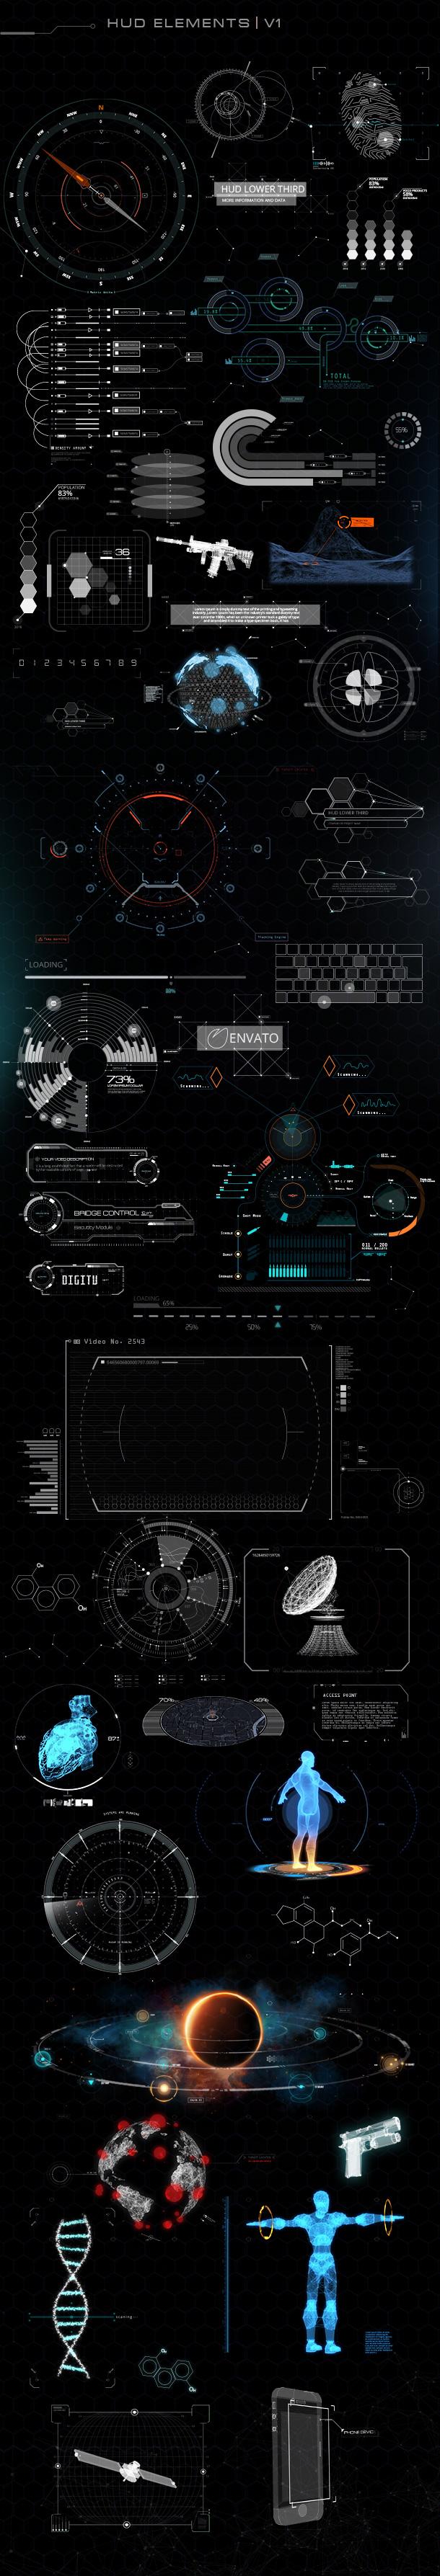 Quantum HUD Infographic - 19